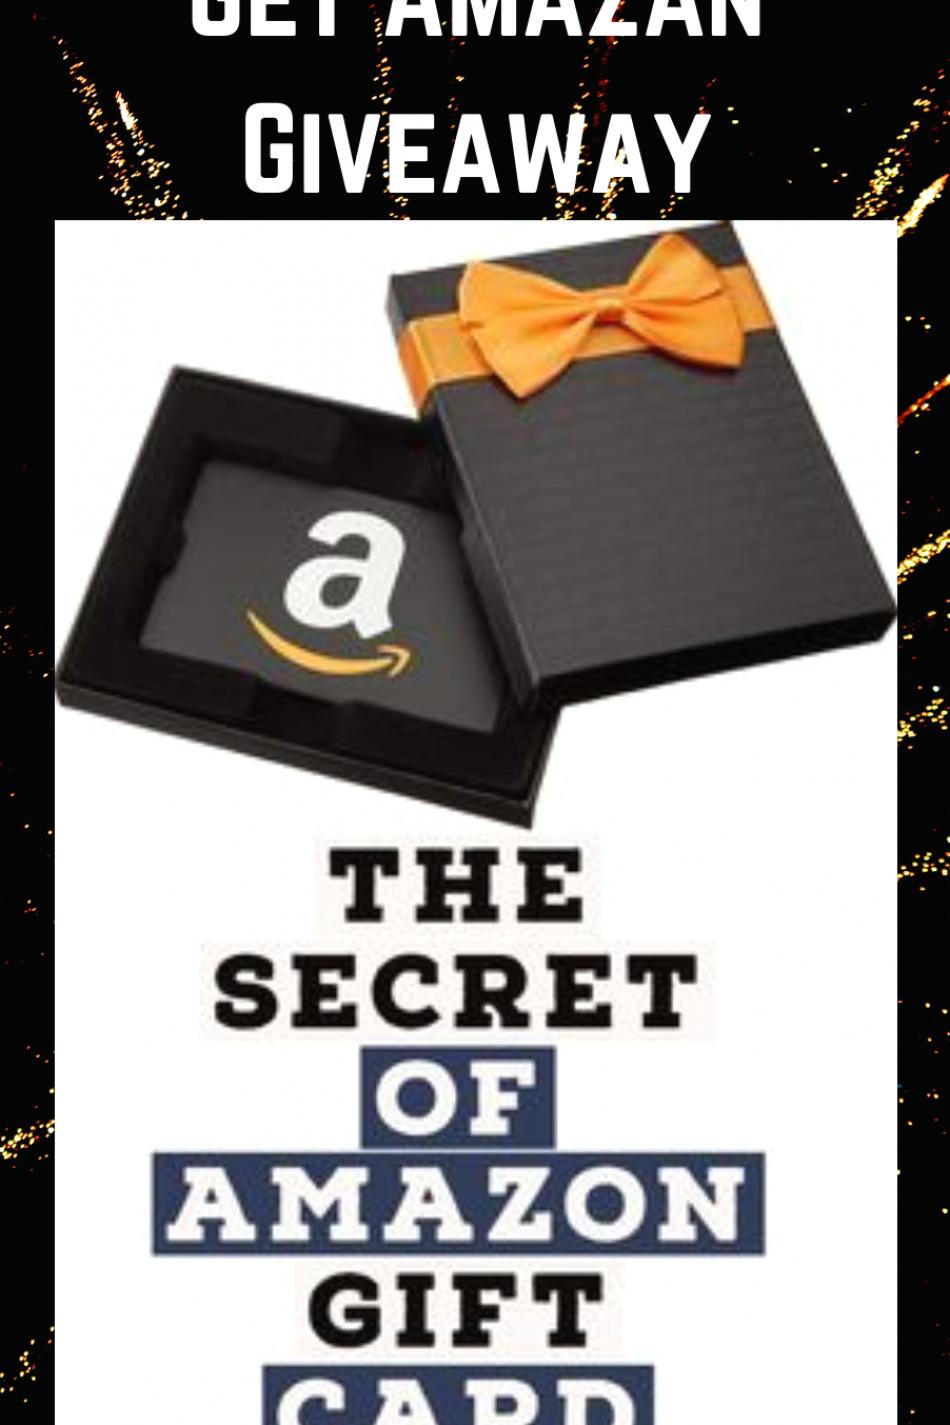 Amazon Giftcards Free Amazon Giftcards Giveaway Free Amazon Giftcard Generator 2020 In 2021 Amazon Gift Card Free Free Amazon Products Amazon Gift Cards